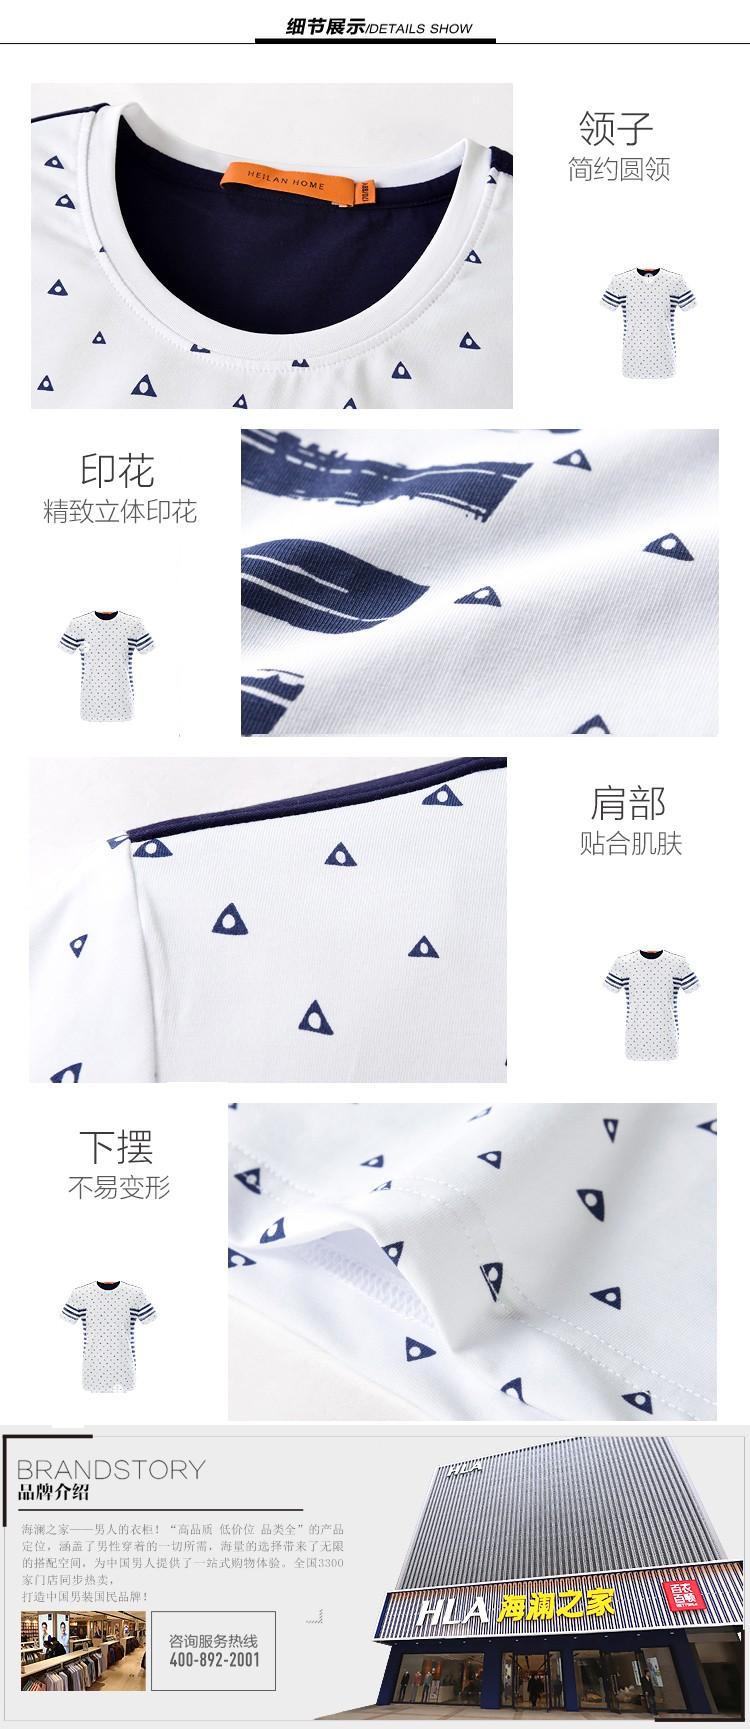 漂白花纹短袖t恤 商品分类: 男式t恤 产地: 中国 材质: 95%棉5%氨纶